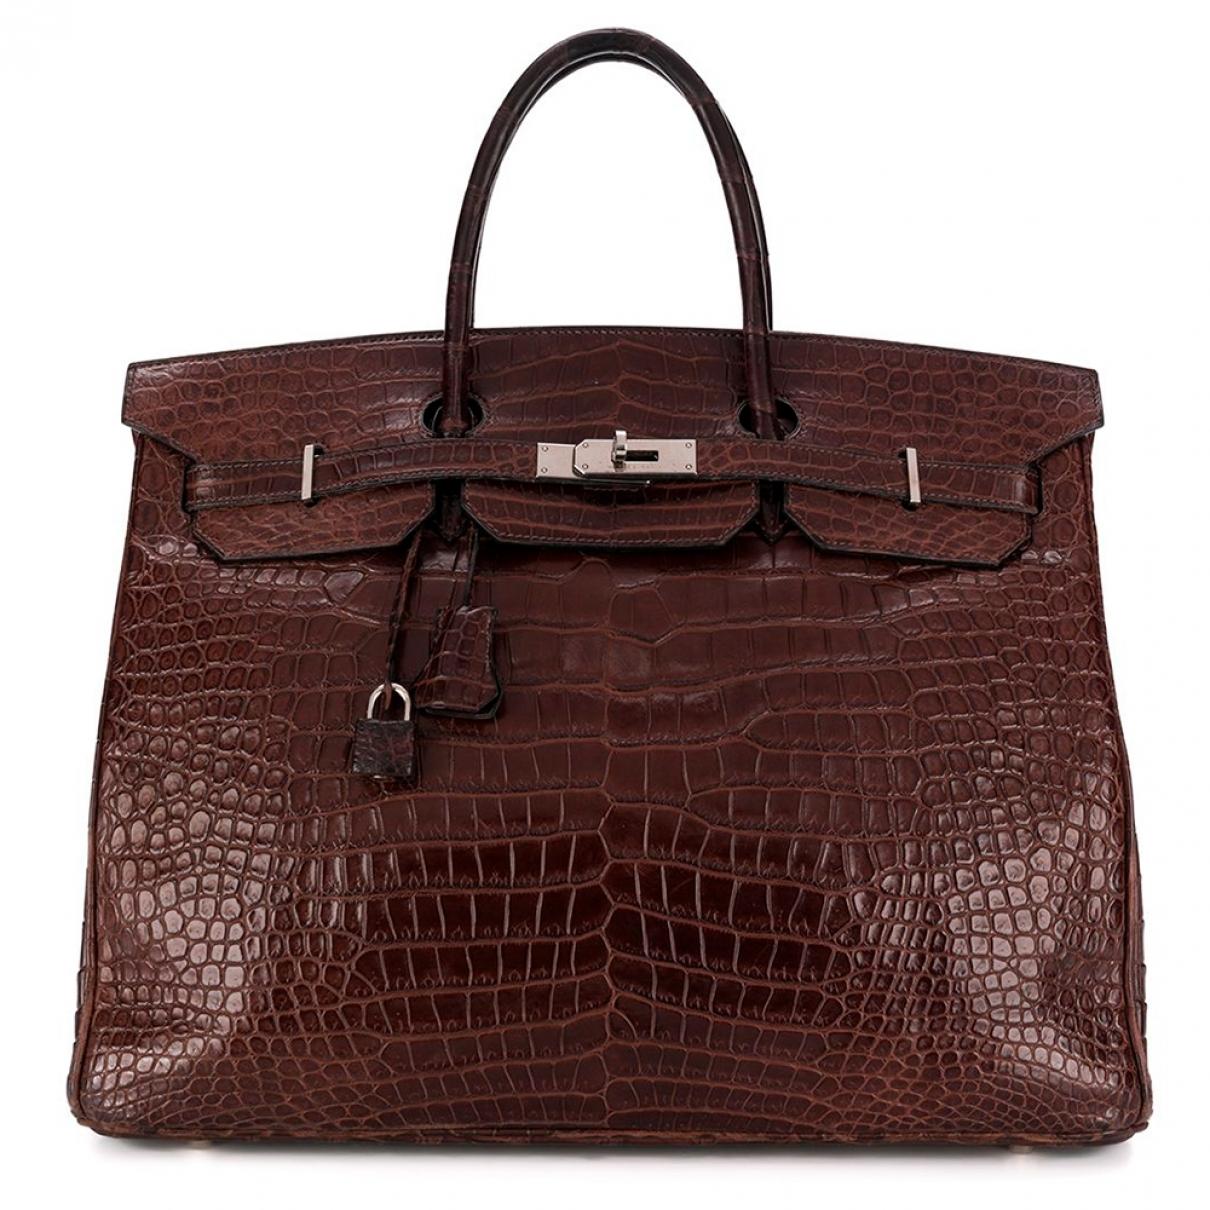 Hermes Birkin 40 Handtasche in  Braun Exotenleder